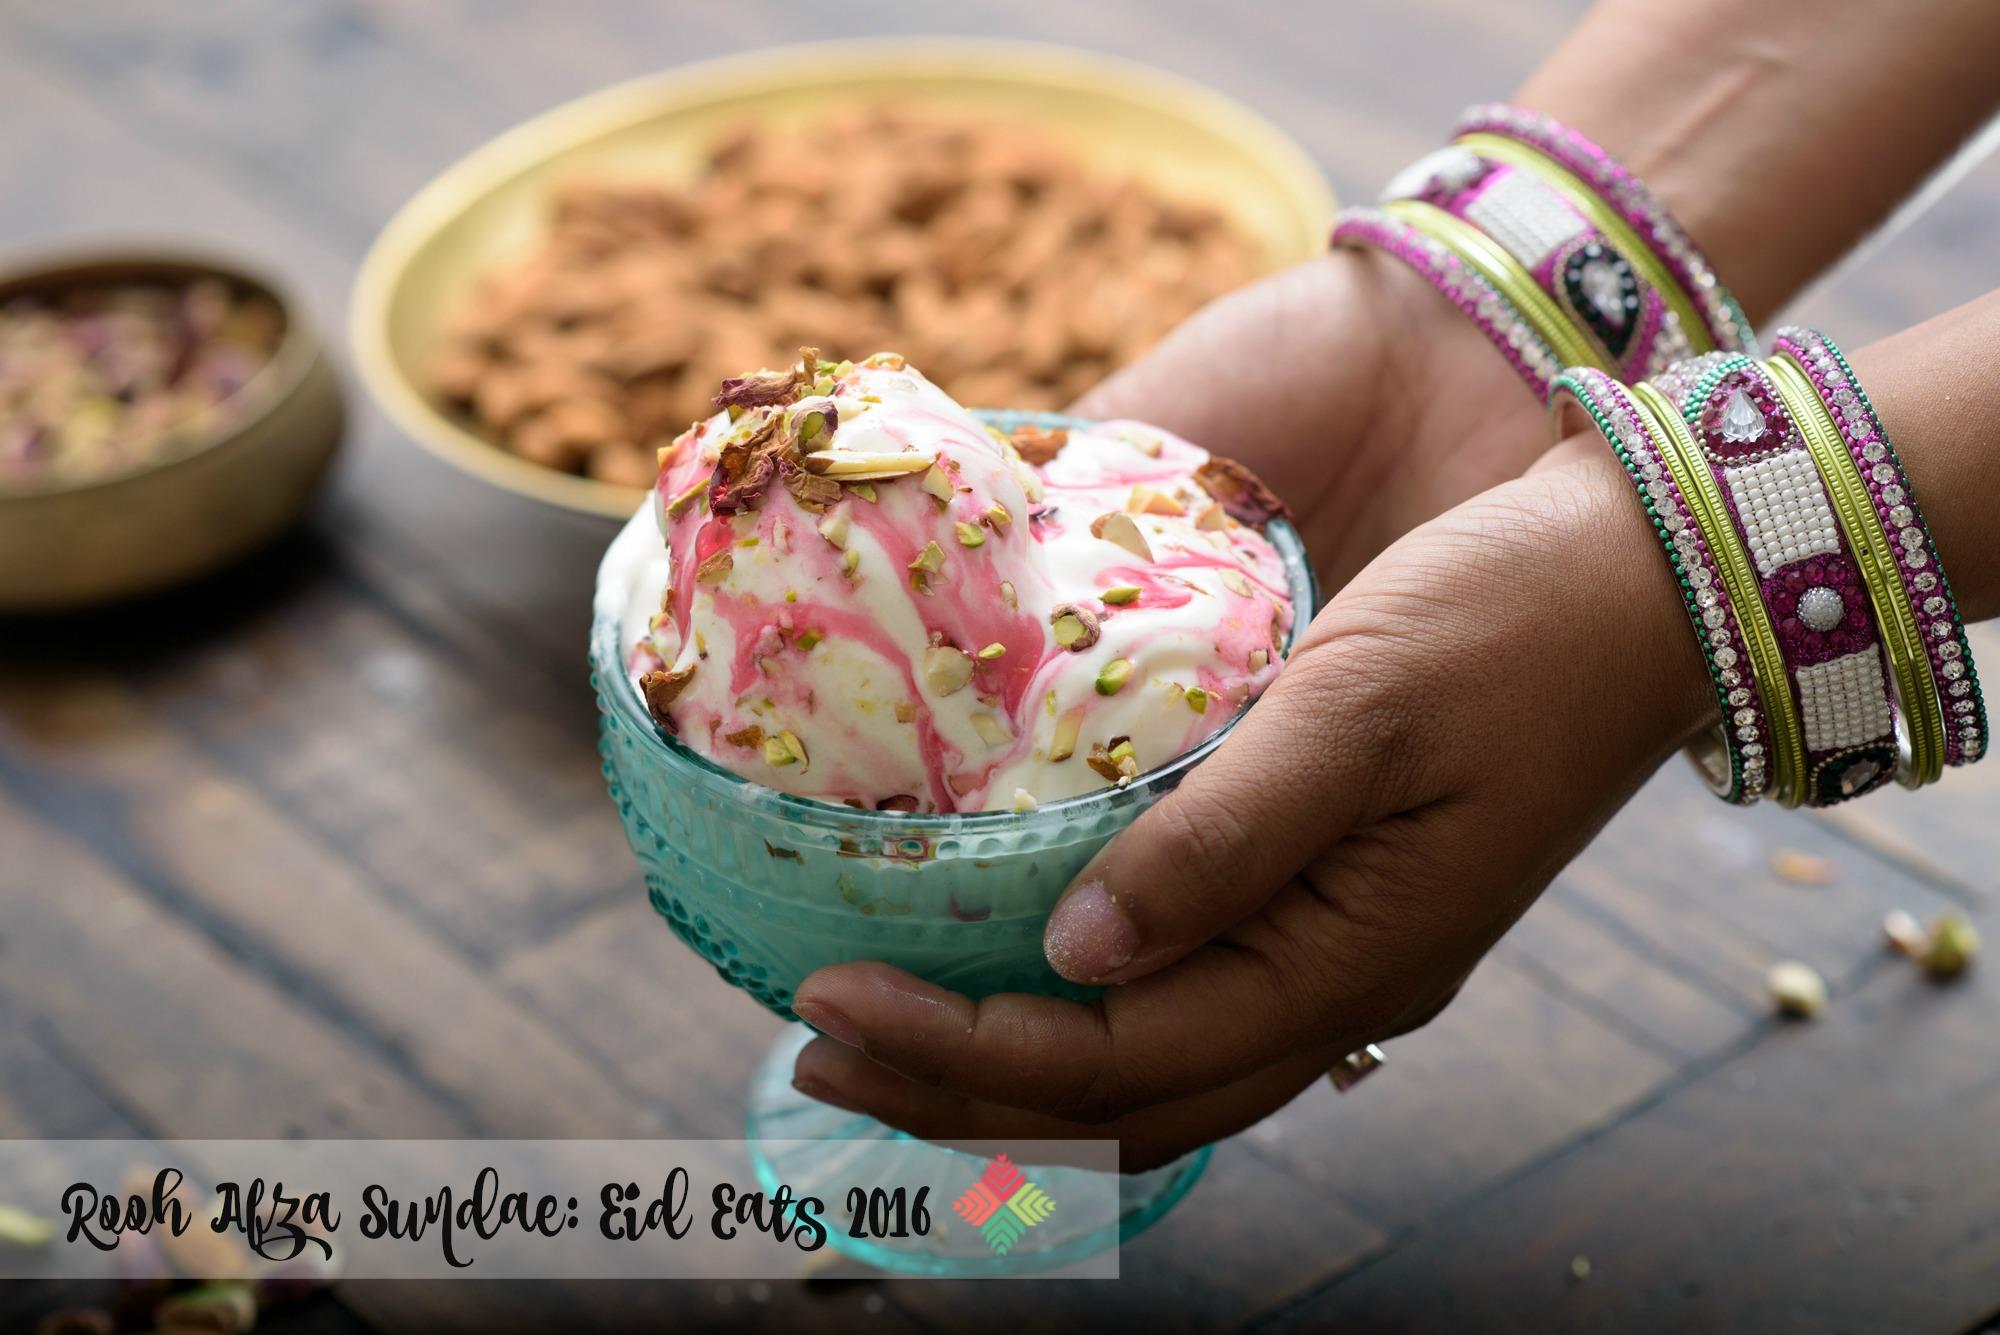 rooh afza sundae, eid desserts, pink chai